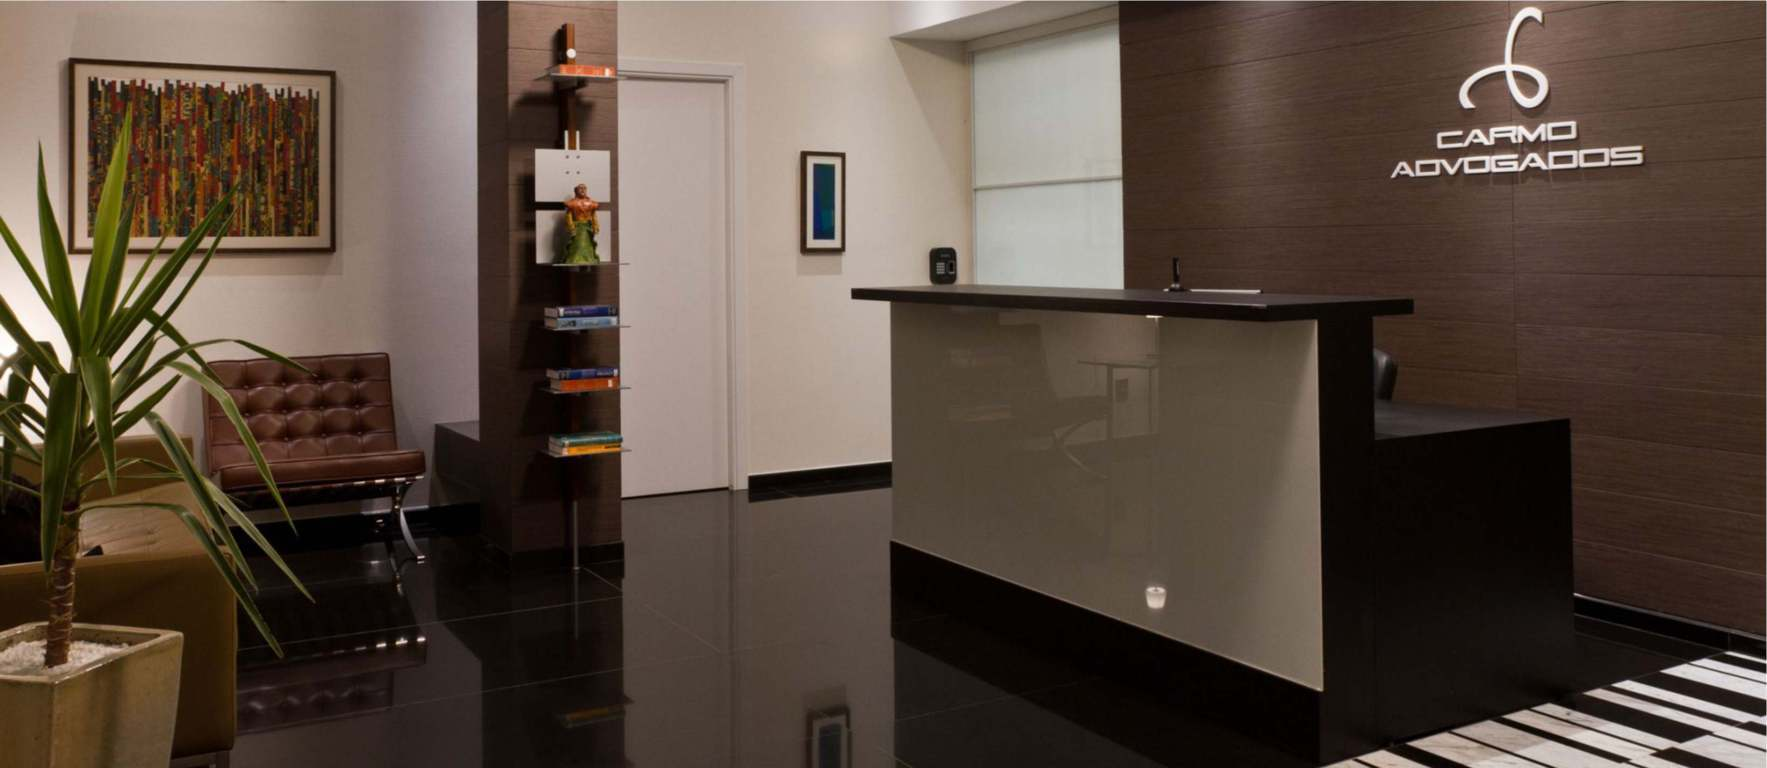 escritorios-decoracao-design de interiores 1